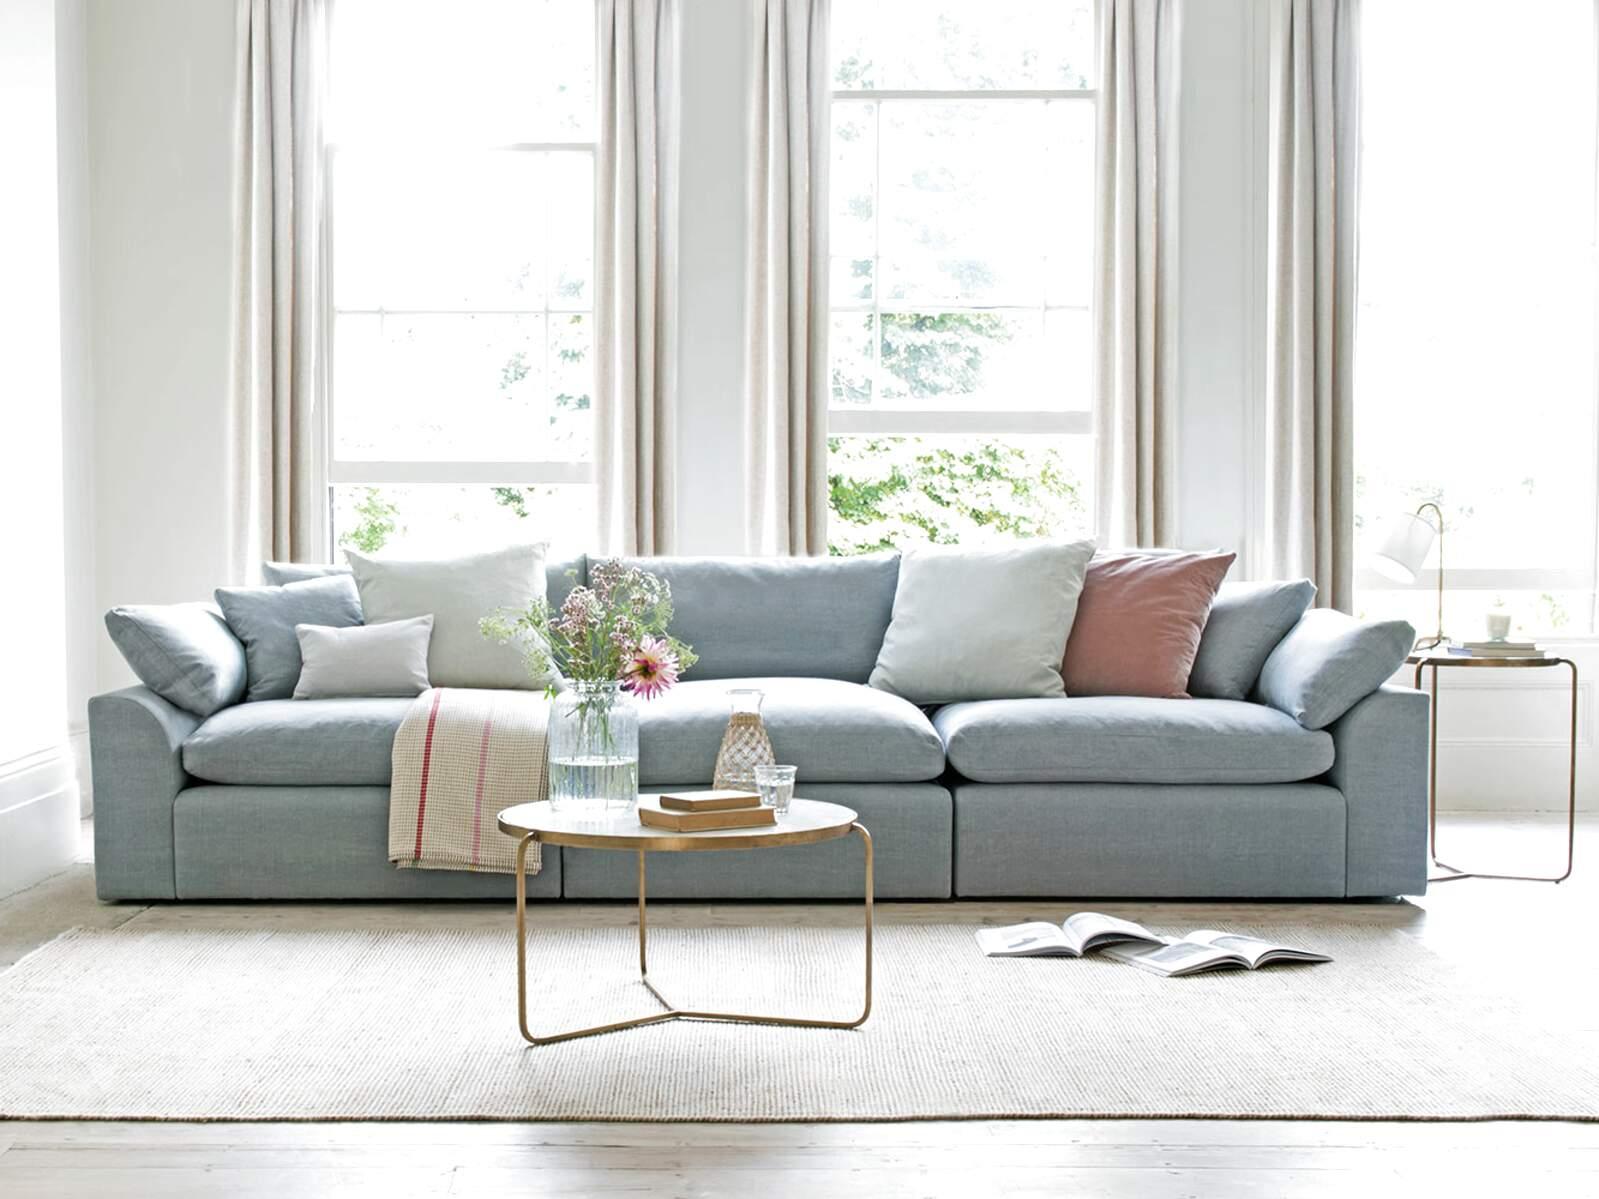 comfy sofas for sale